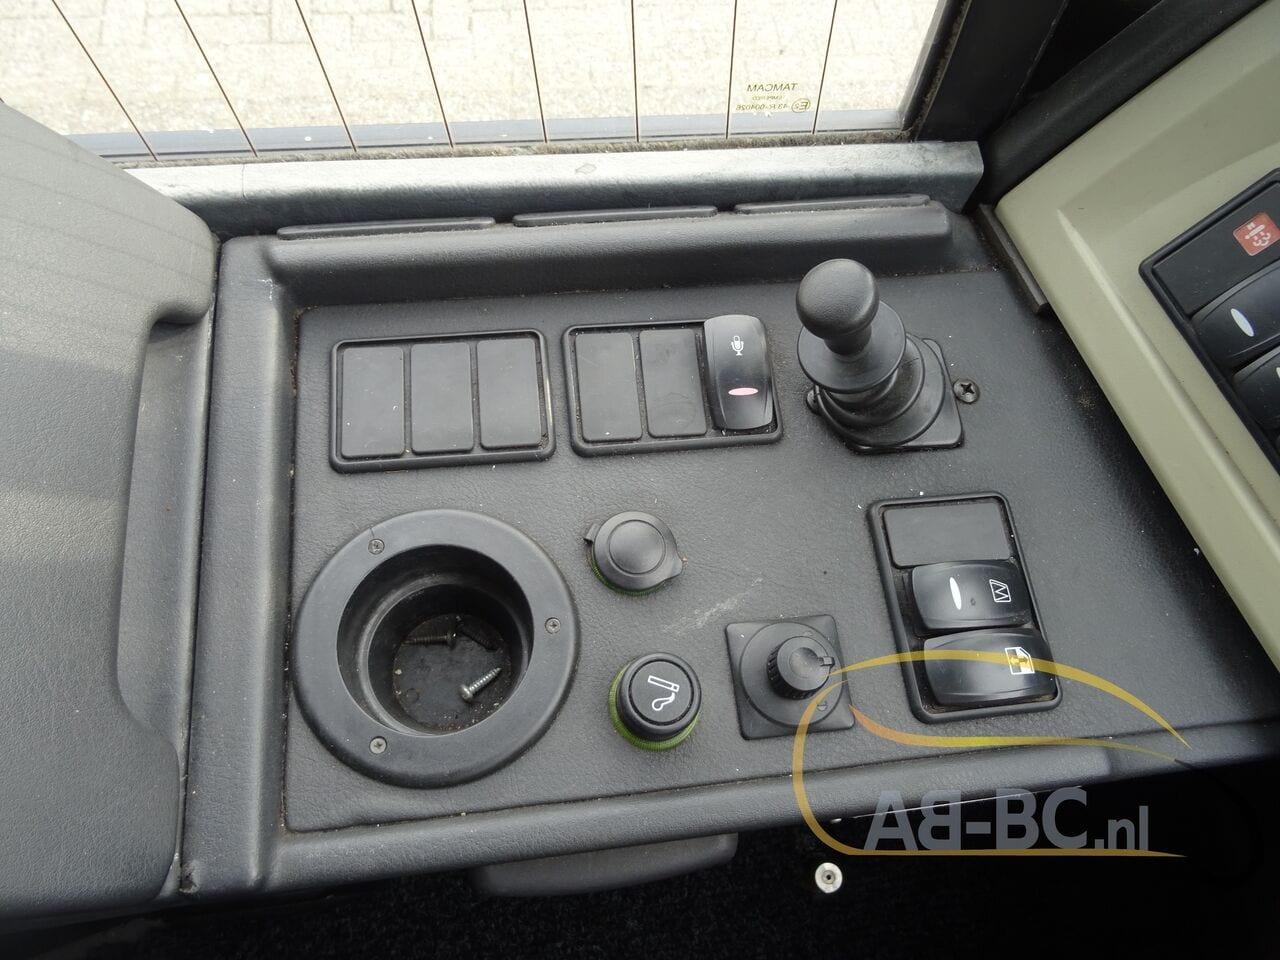 coach-busTEMSA-Safari-HD-51-Seats-EURO5-12-MTR---1614266547228880889_big_1e69638a501866cb490d077569ba0012--19052917224730818200